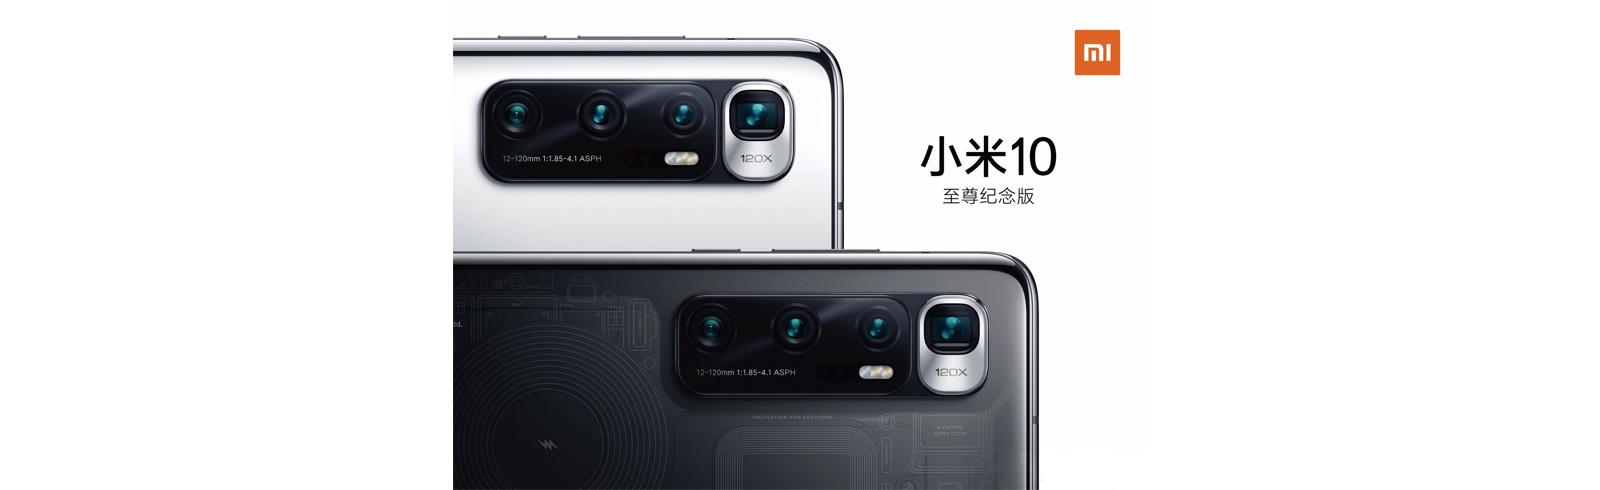 Xiaomi Mi 10 Ultra (M2007J1SC) leaks in an unboxing video